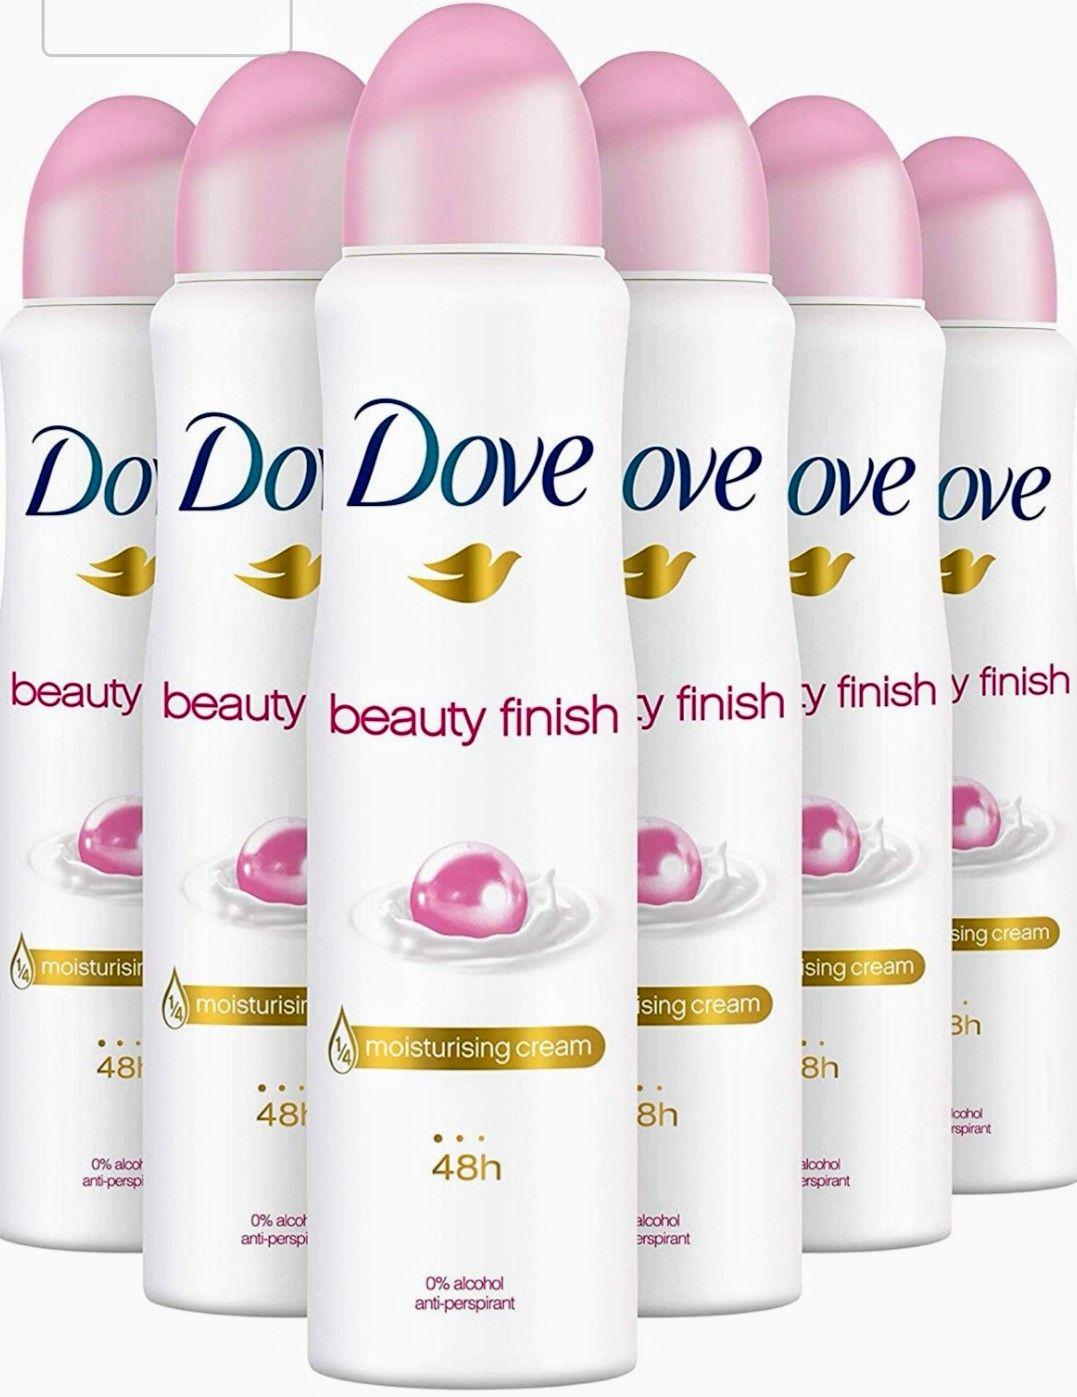 Dove Desodorante Beauty Finish [6 UNIDADES]